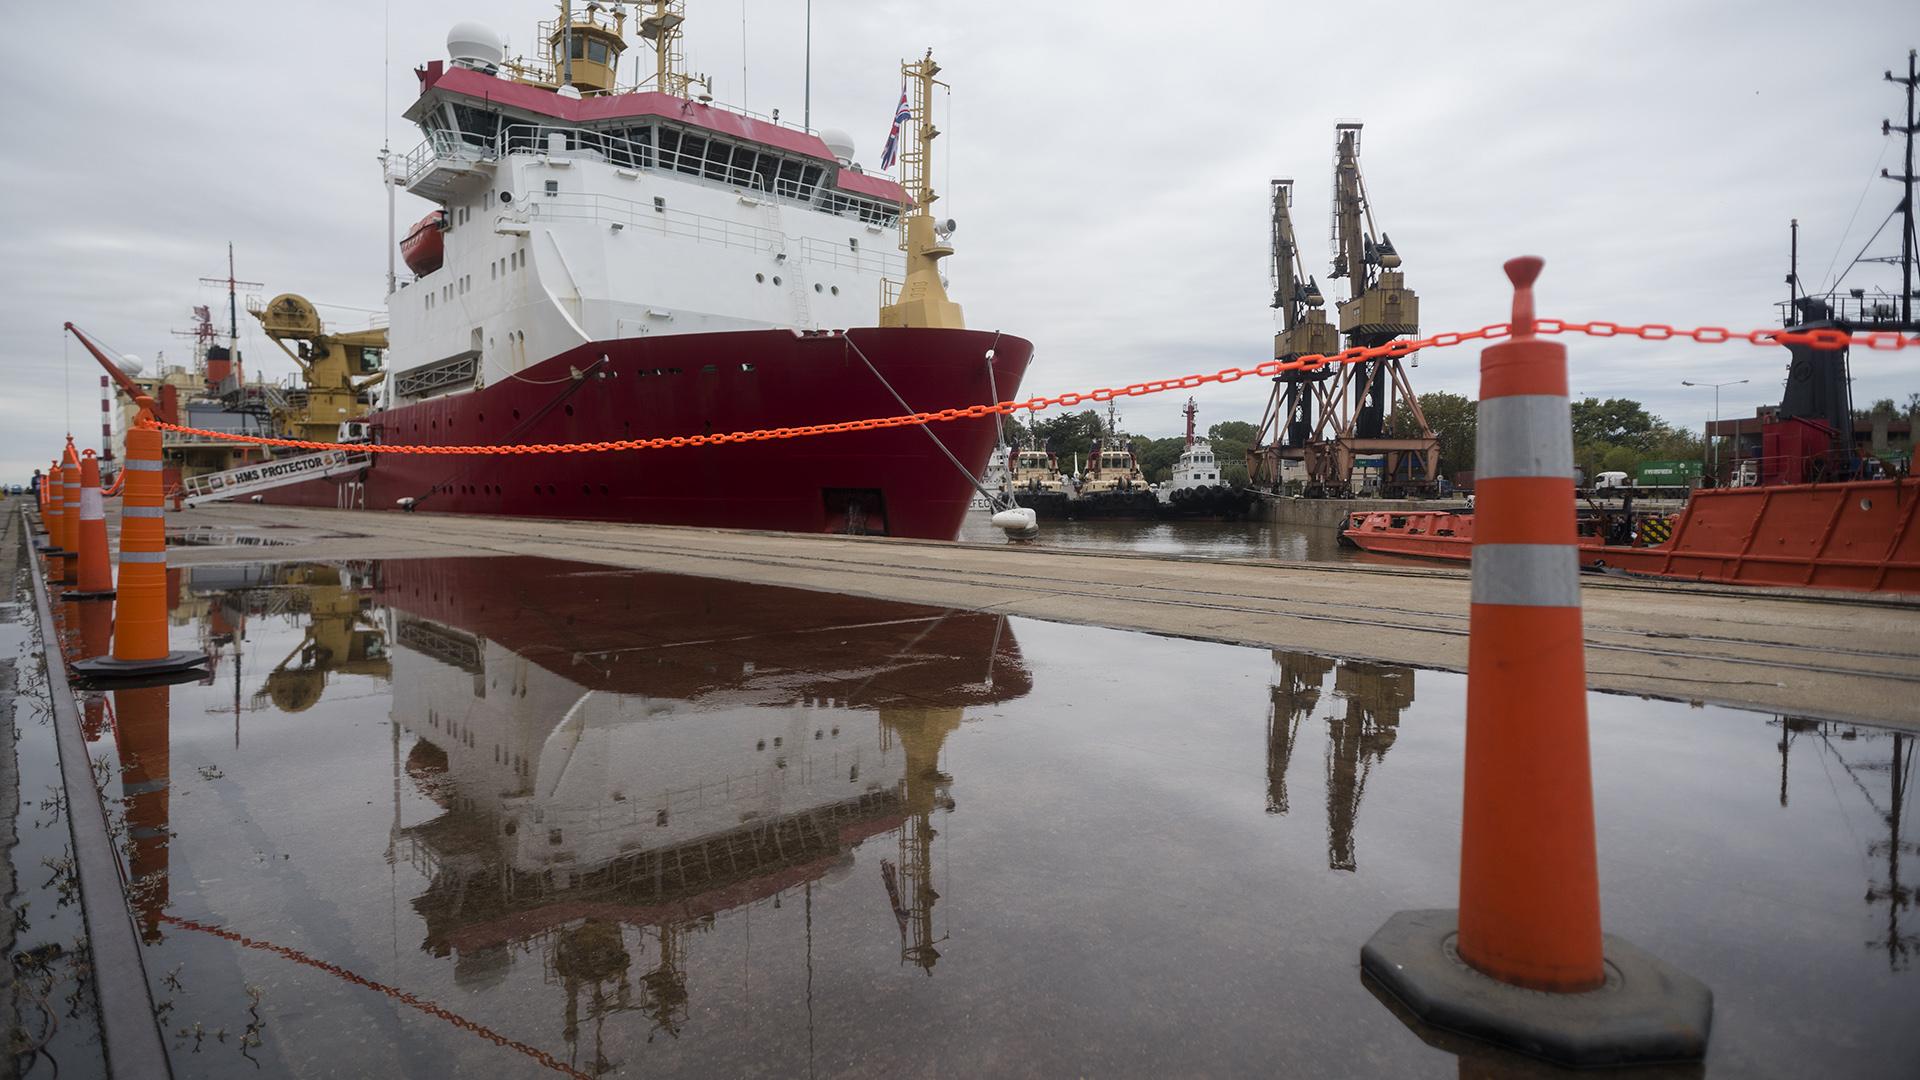 El buque se encuentra amarrado en la dársena E del Puerto de Buenos Aires